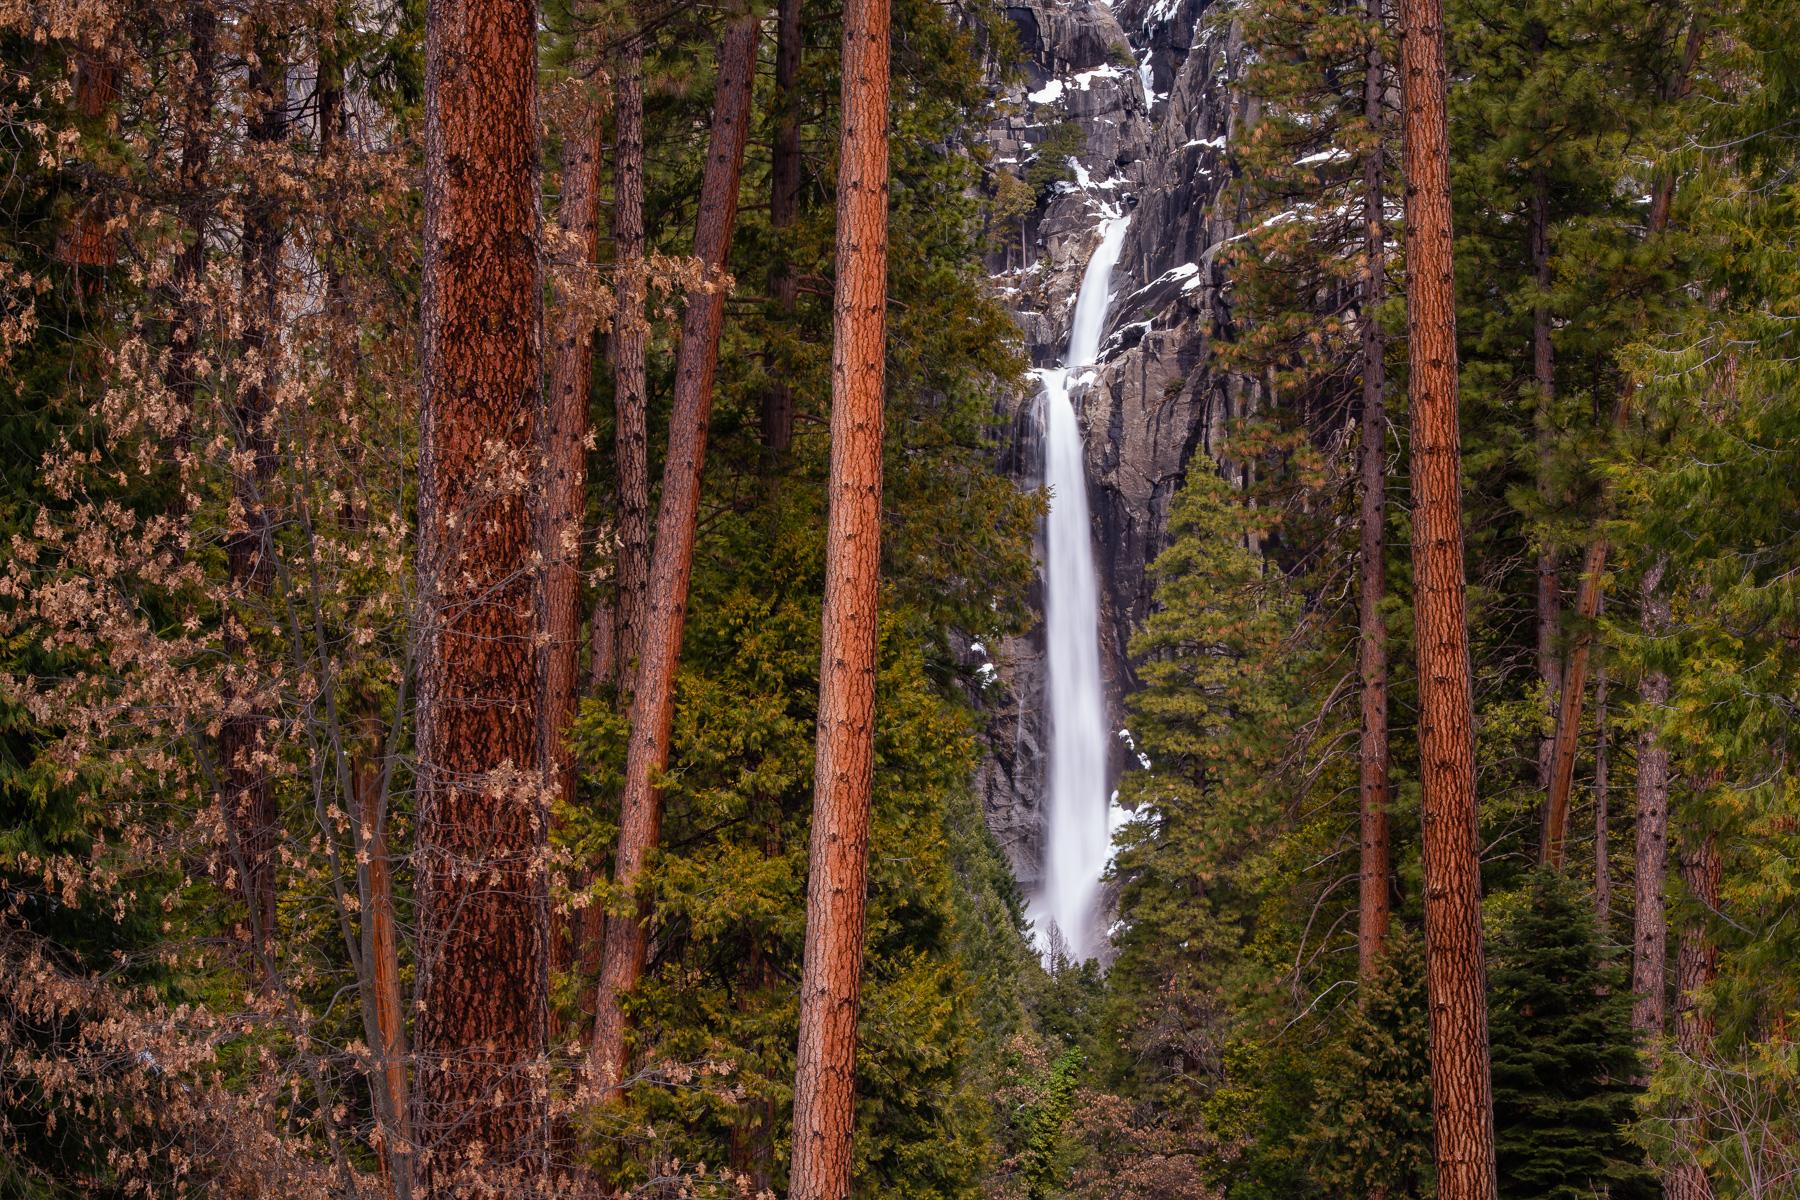 Ponerosa Pines frame Lower Yosemite Falls, Yosemite National Park, California